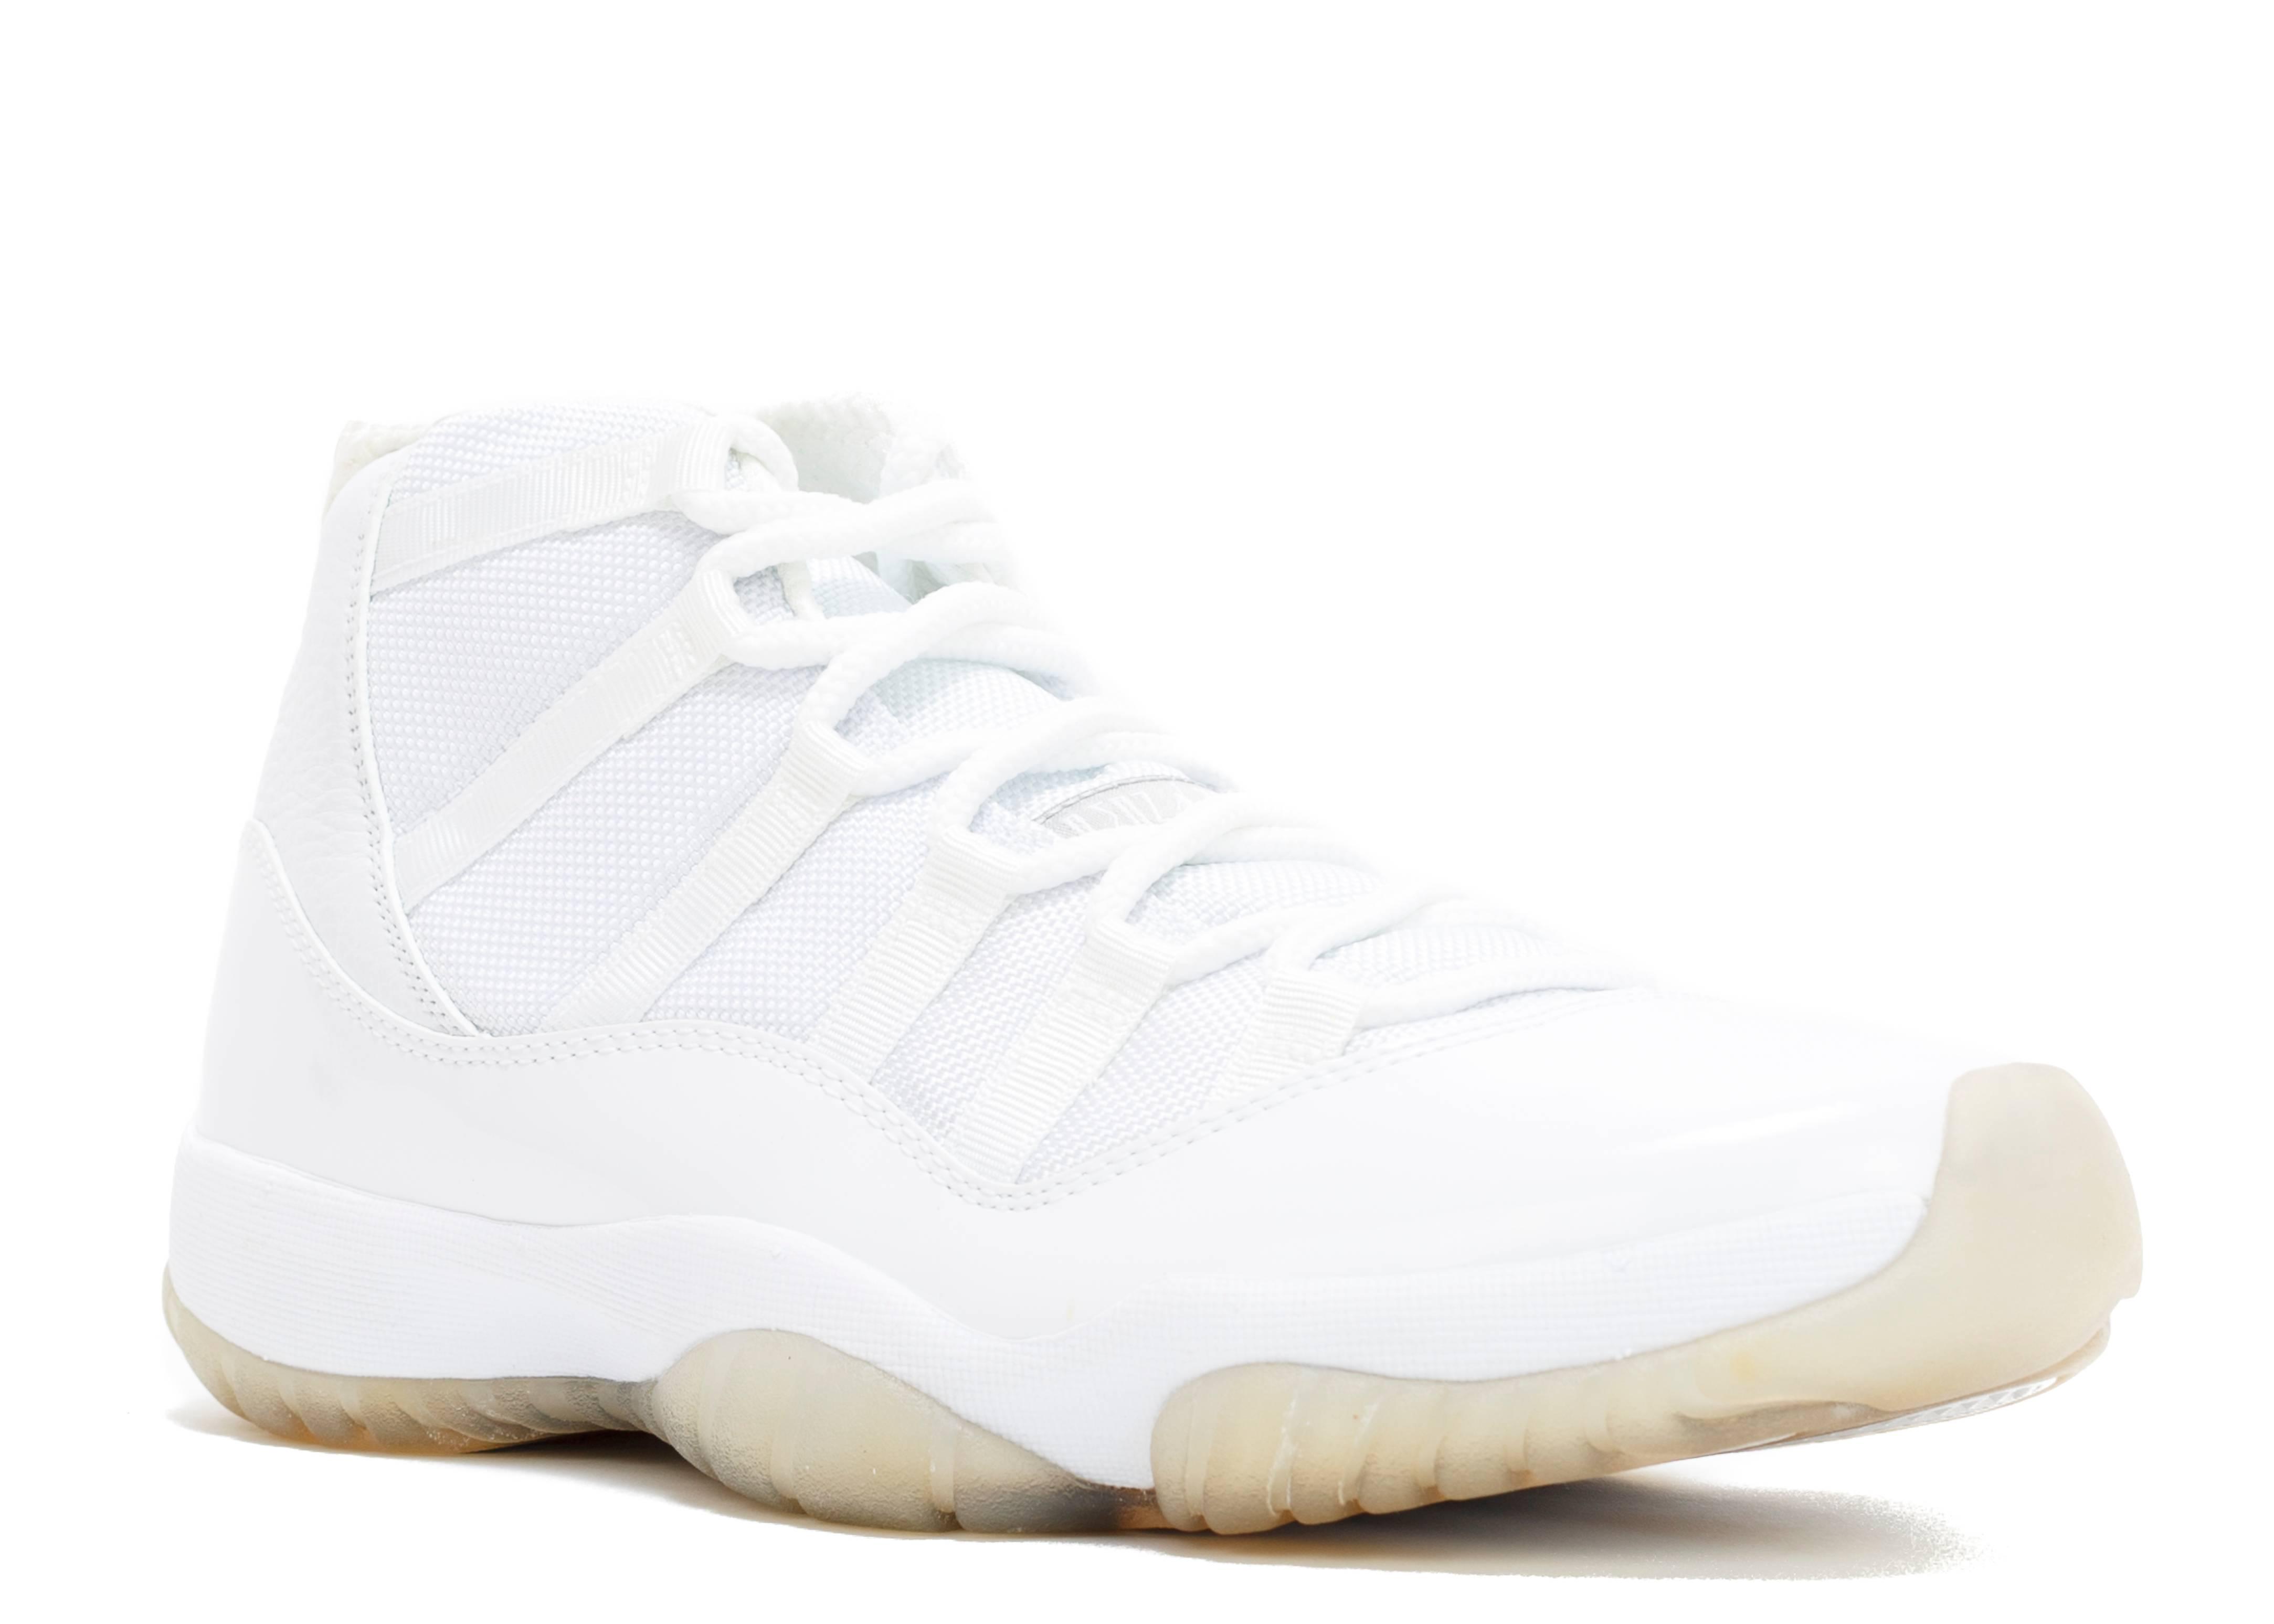 Air Jordan All White 11